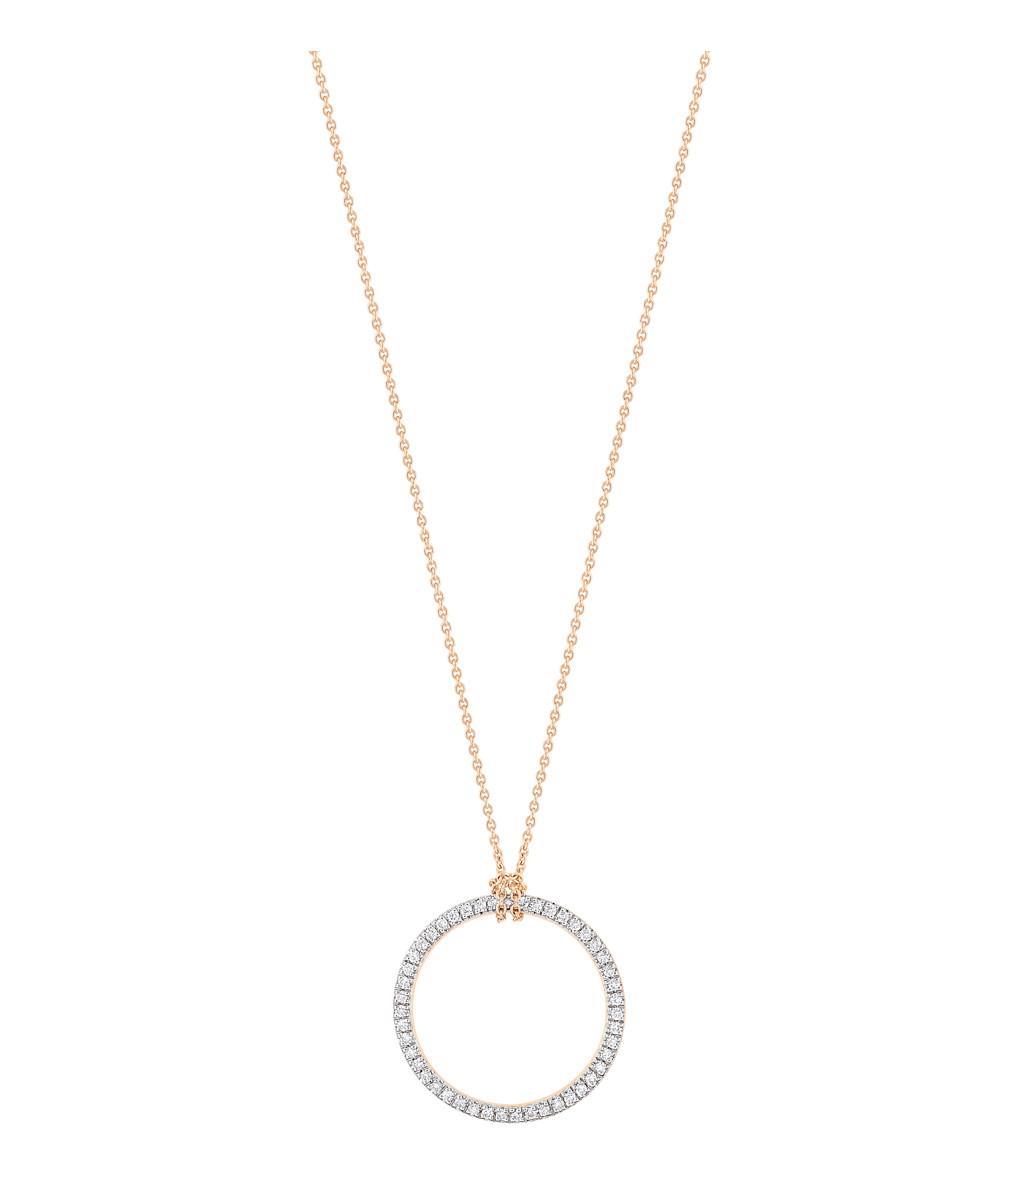 Collier Mini Diamond Cercle - GINETTE_NY